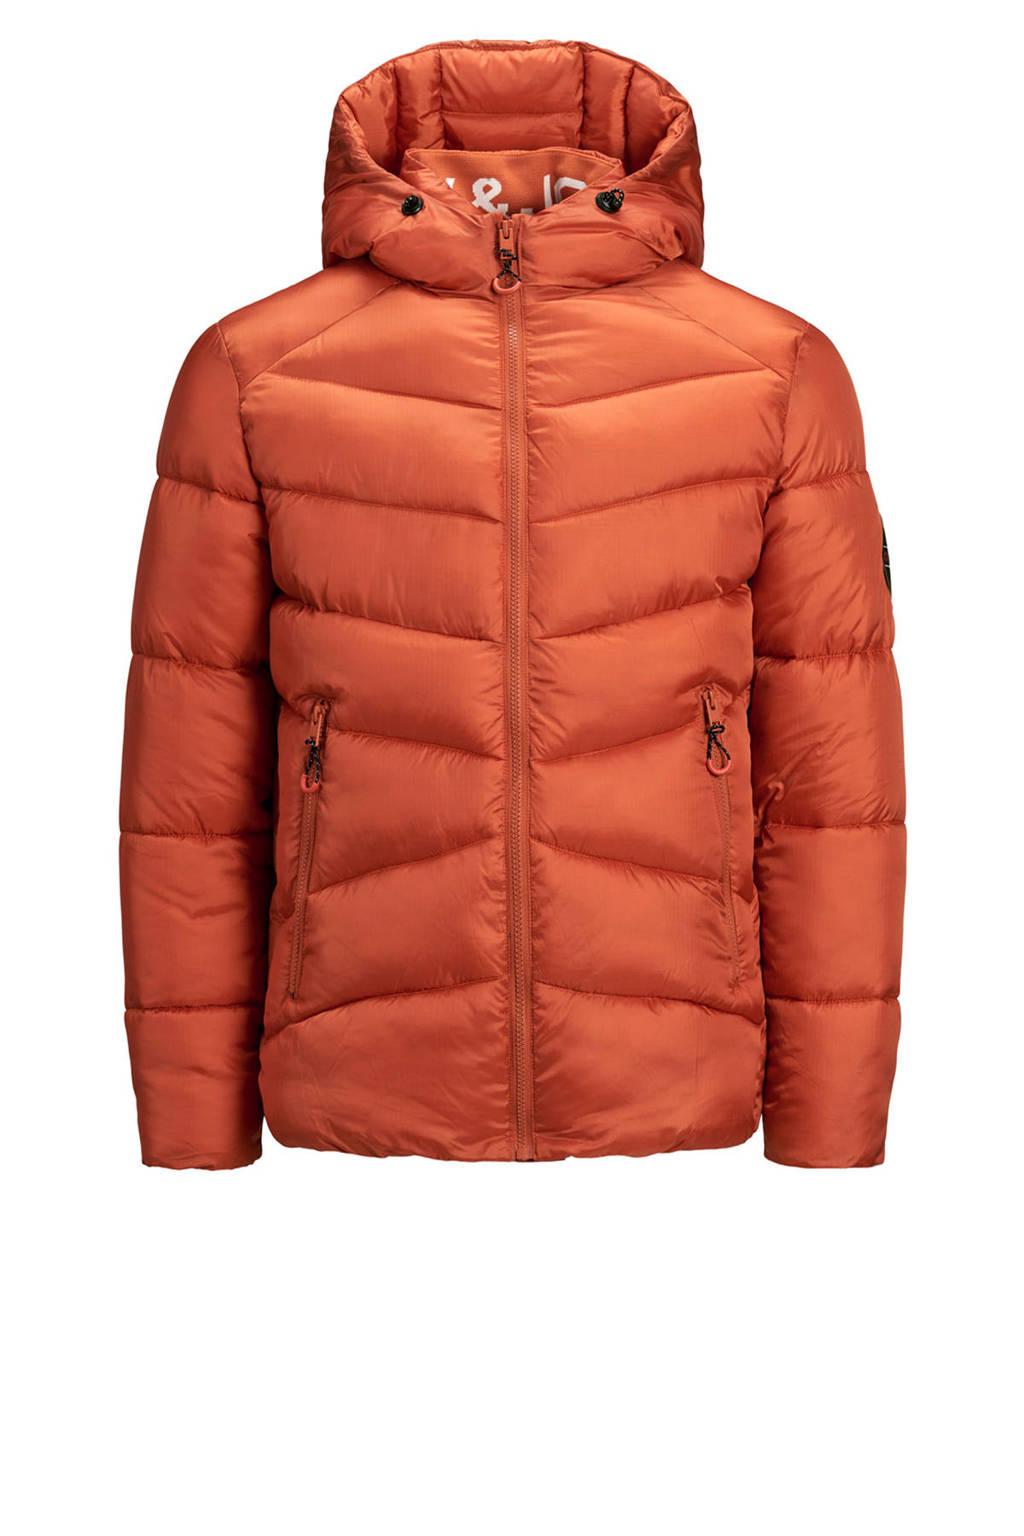 JACK & JONES JUNIOR gewatteerde winterjas Ander donker oranje, Donker oranje